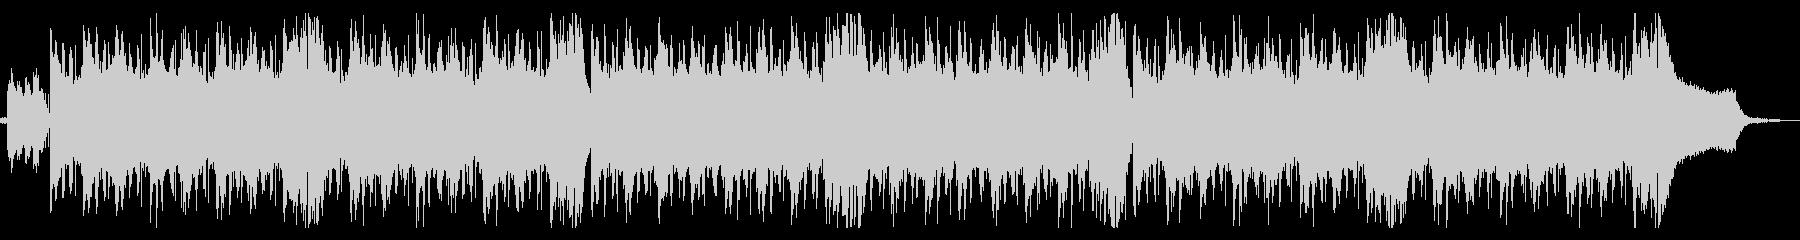 ノリの良いLo-Fi Beatsの未再生の波形